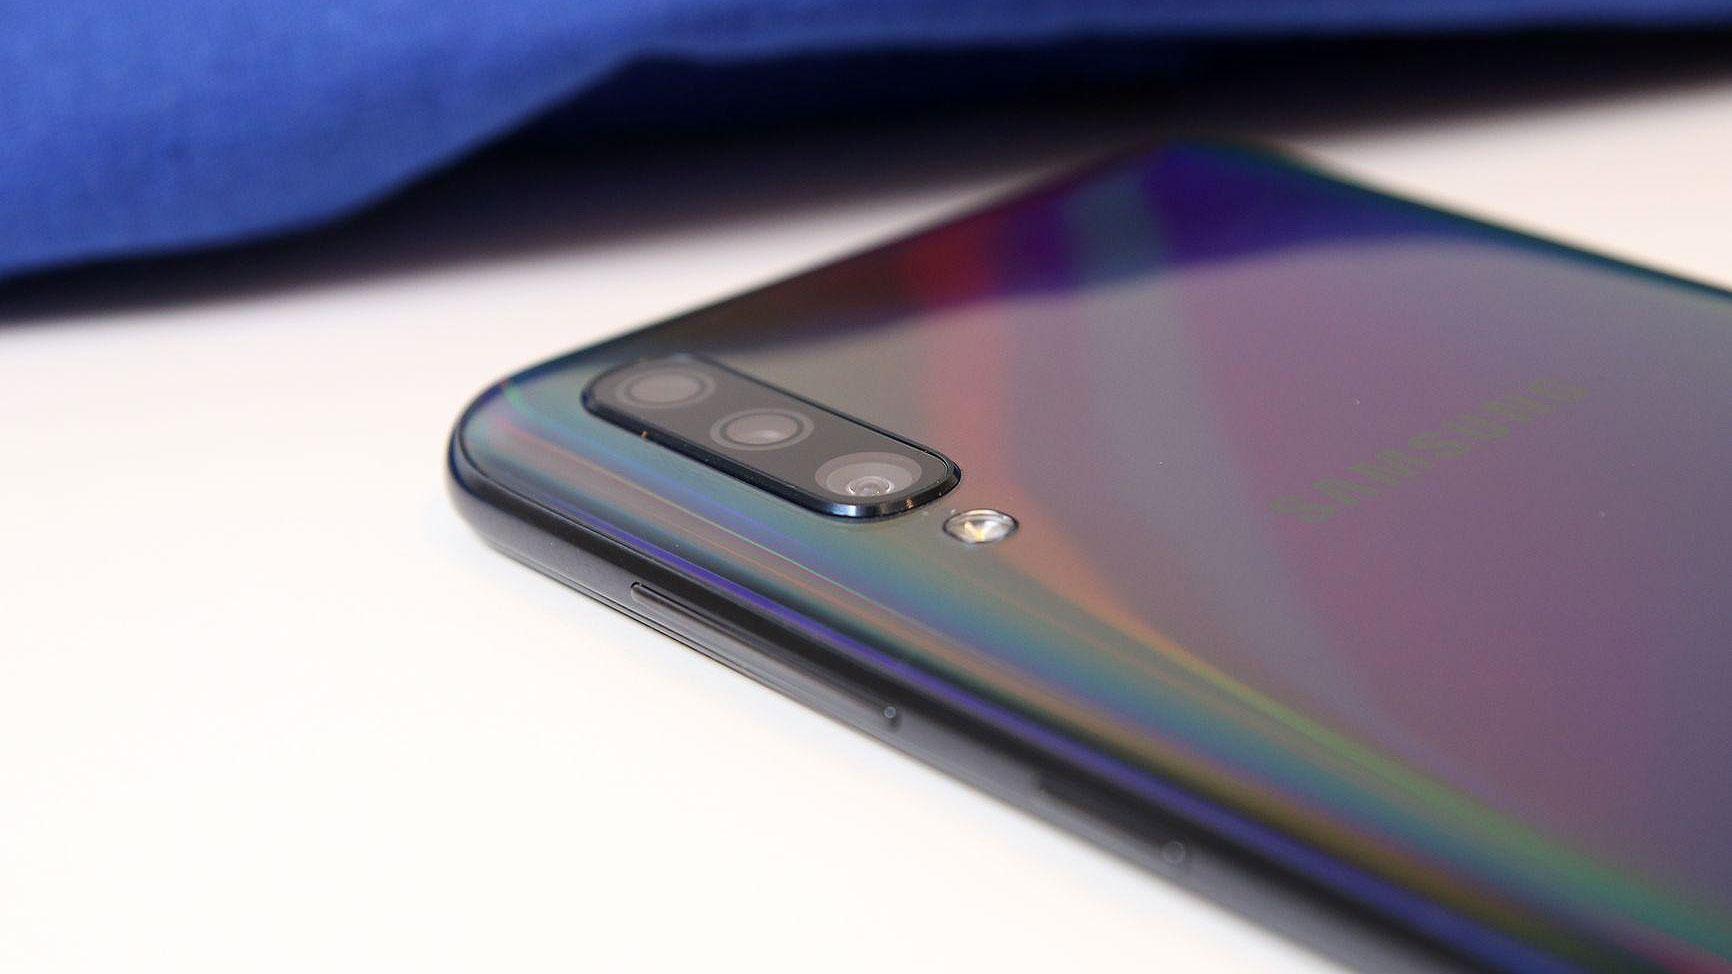 مشخصات گلکسی ای ۶۰ (Galaxy A60) لو رفت: دوربین سه گانه ۳۲ مگاپیکسلی با نمایشگر ۶.۷ اینچی